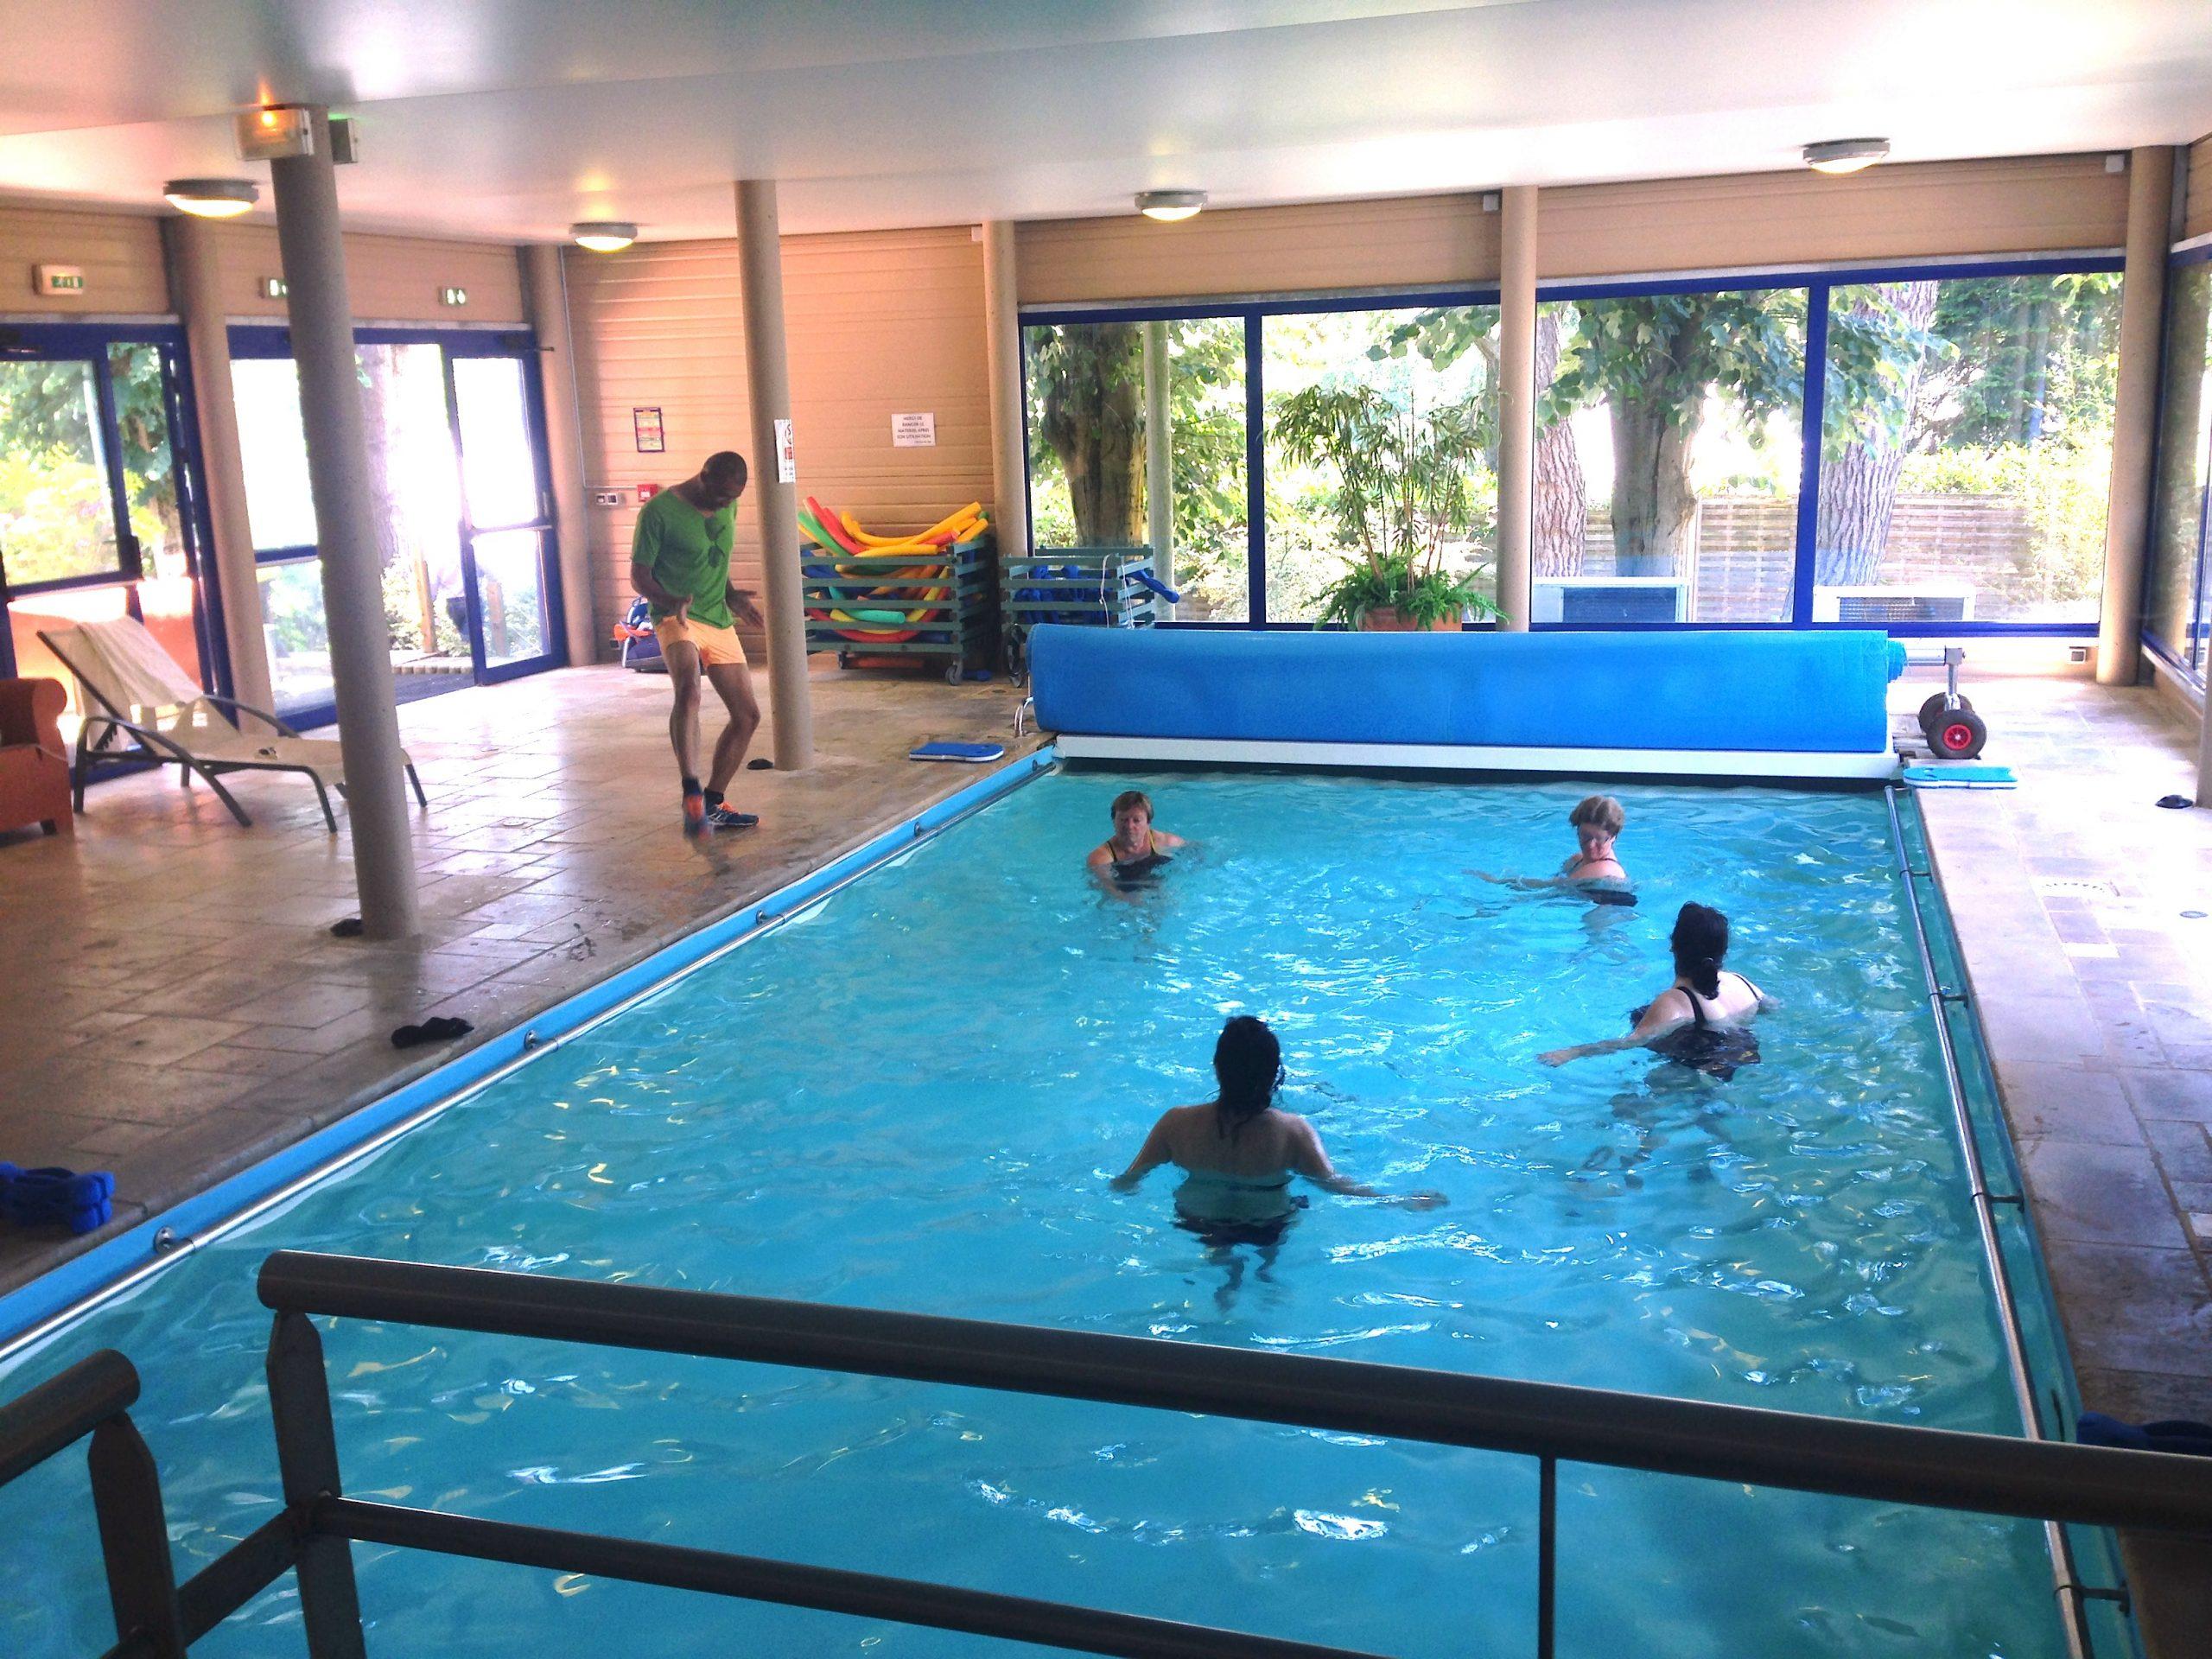 Aquagym-Quintessia-Orvault - Quintessia Resort tout Piscine Orvault